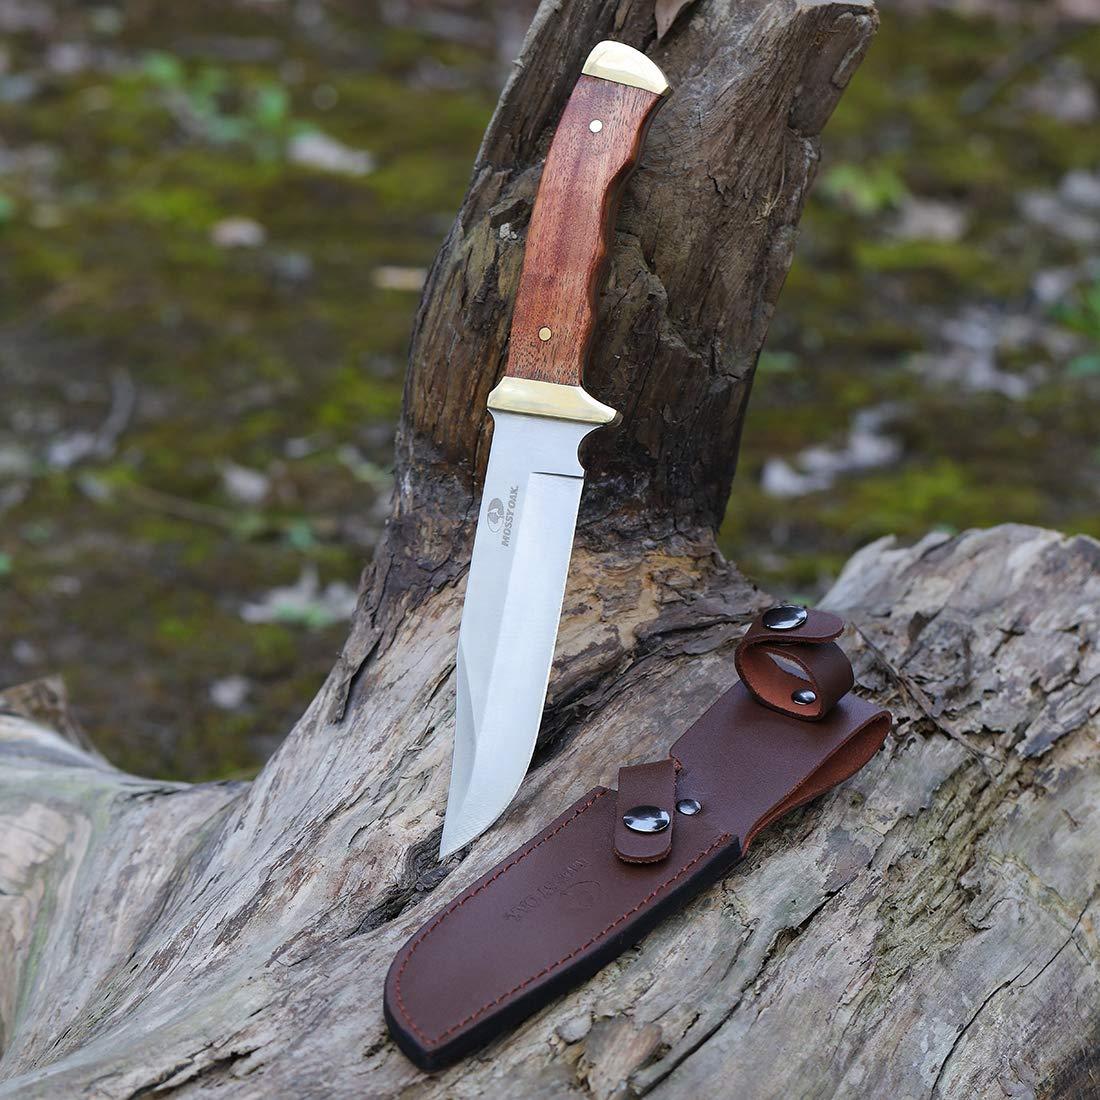 シースナイフのおすすめ9選!釣りやキャンプでの薪割りにも